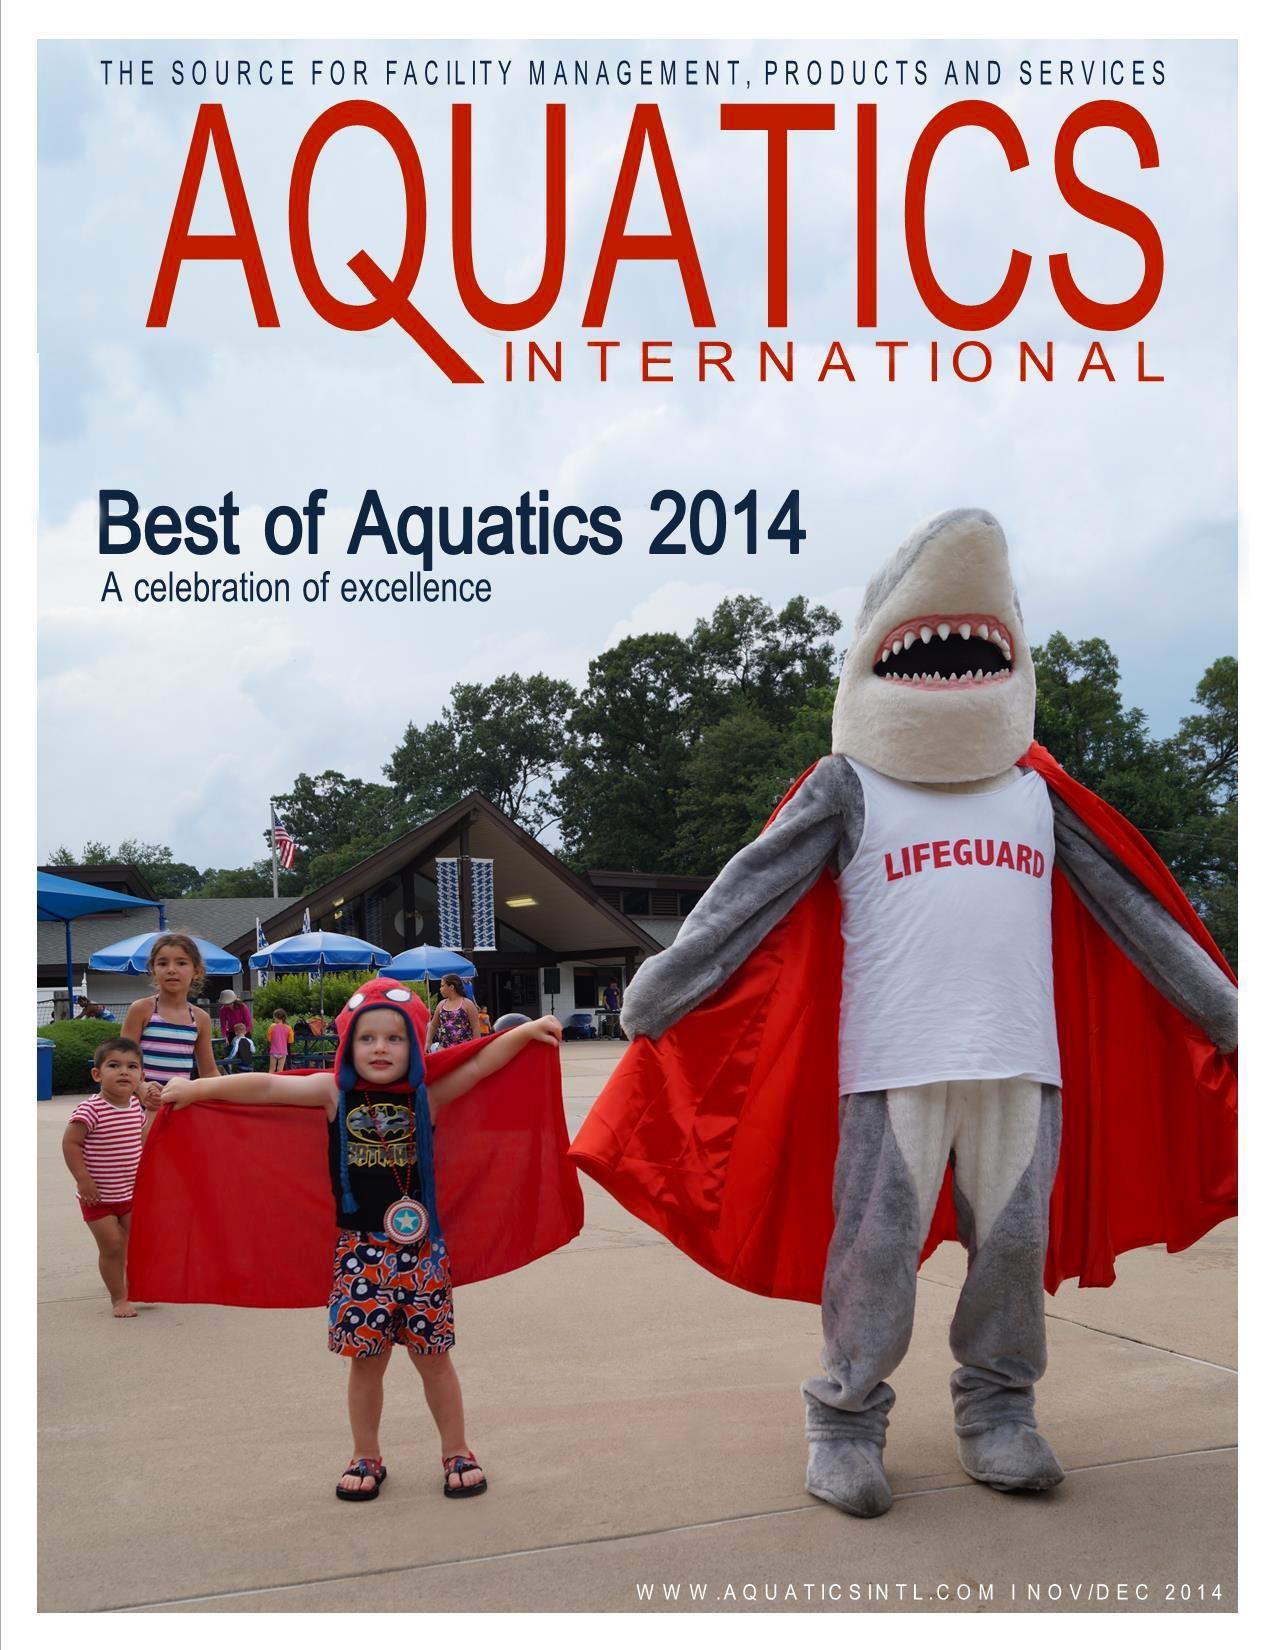 9406b001b0a22bf4f4bc_FINAL_COVER_Jamie_Aquatics_Int.jpg